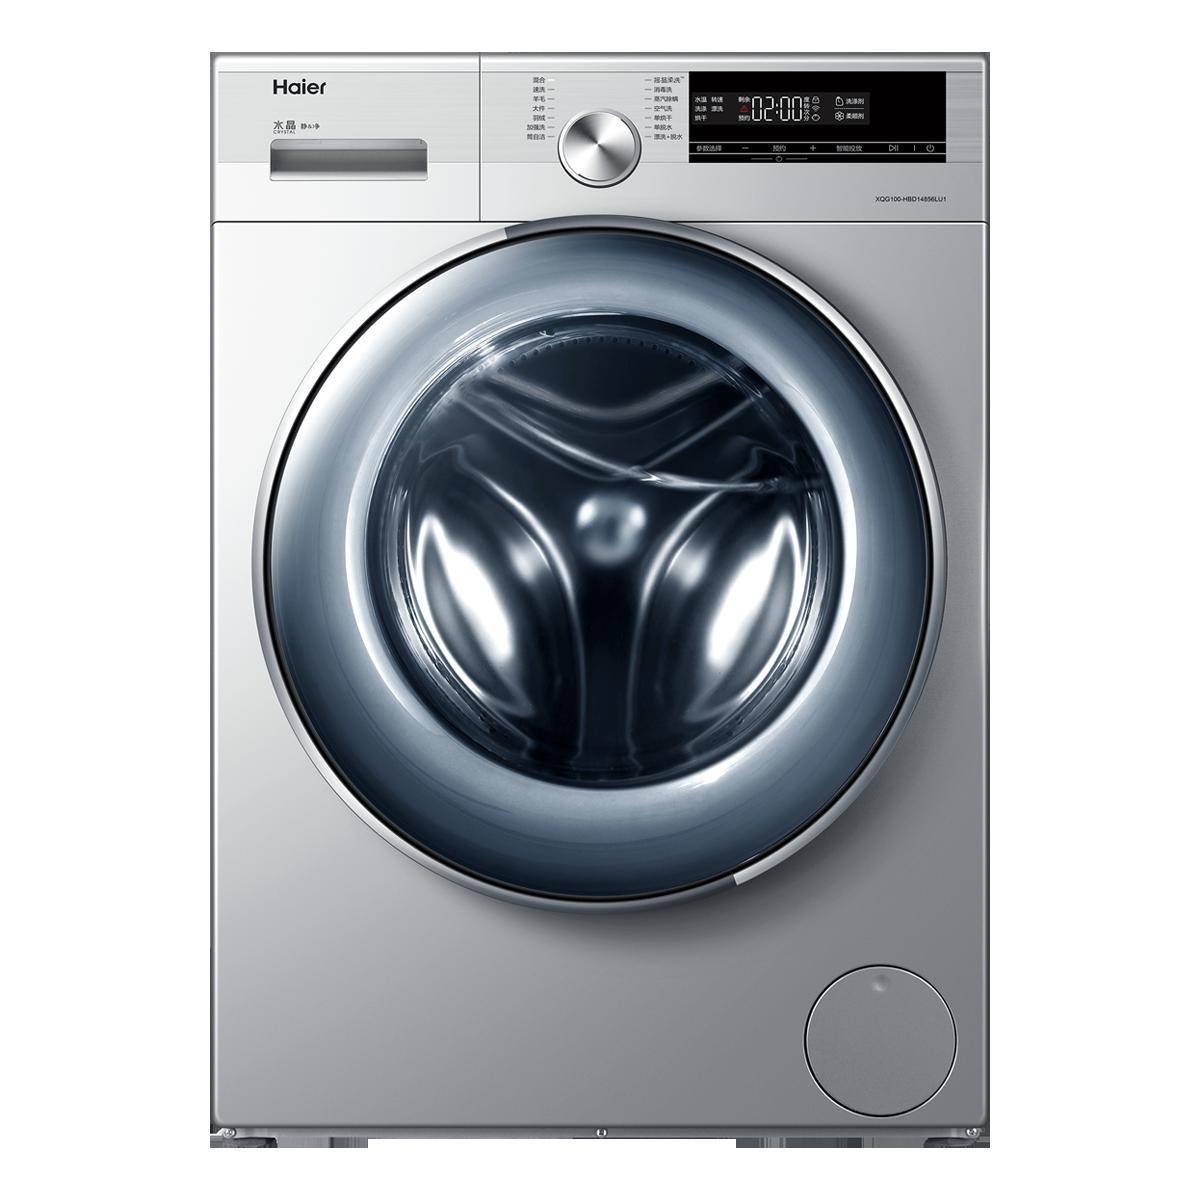 海尔Haier洗衣机 XQG100-HBD14856LU1 说明书